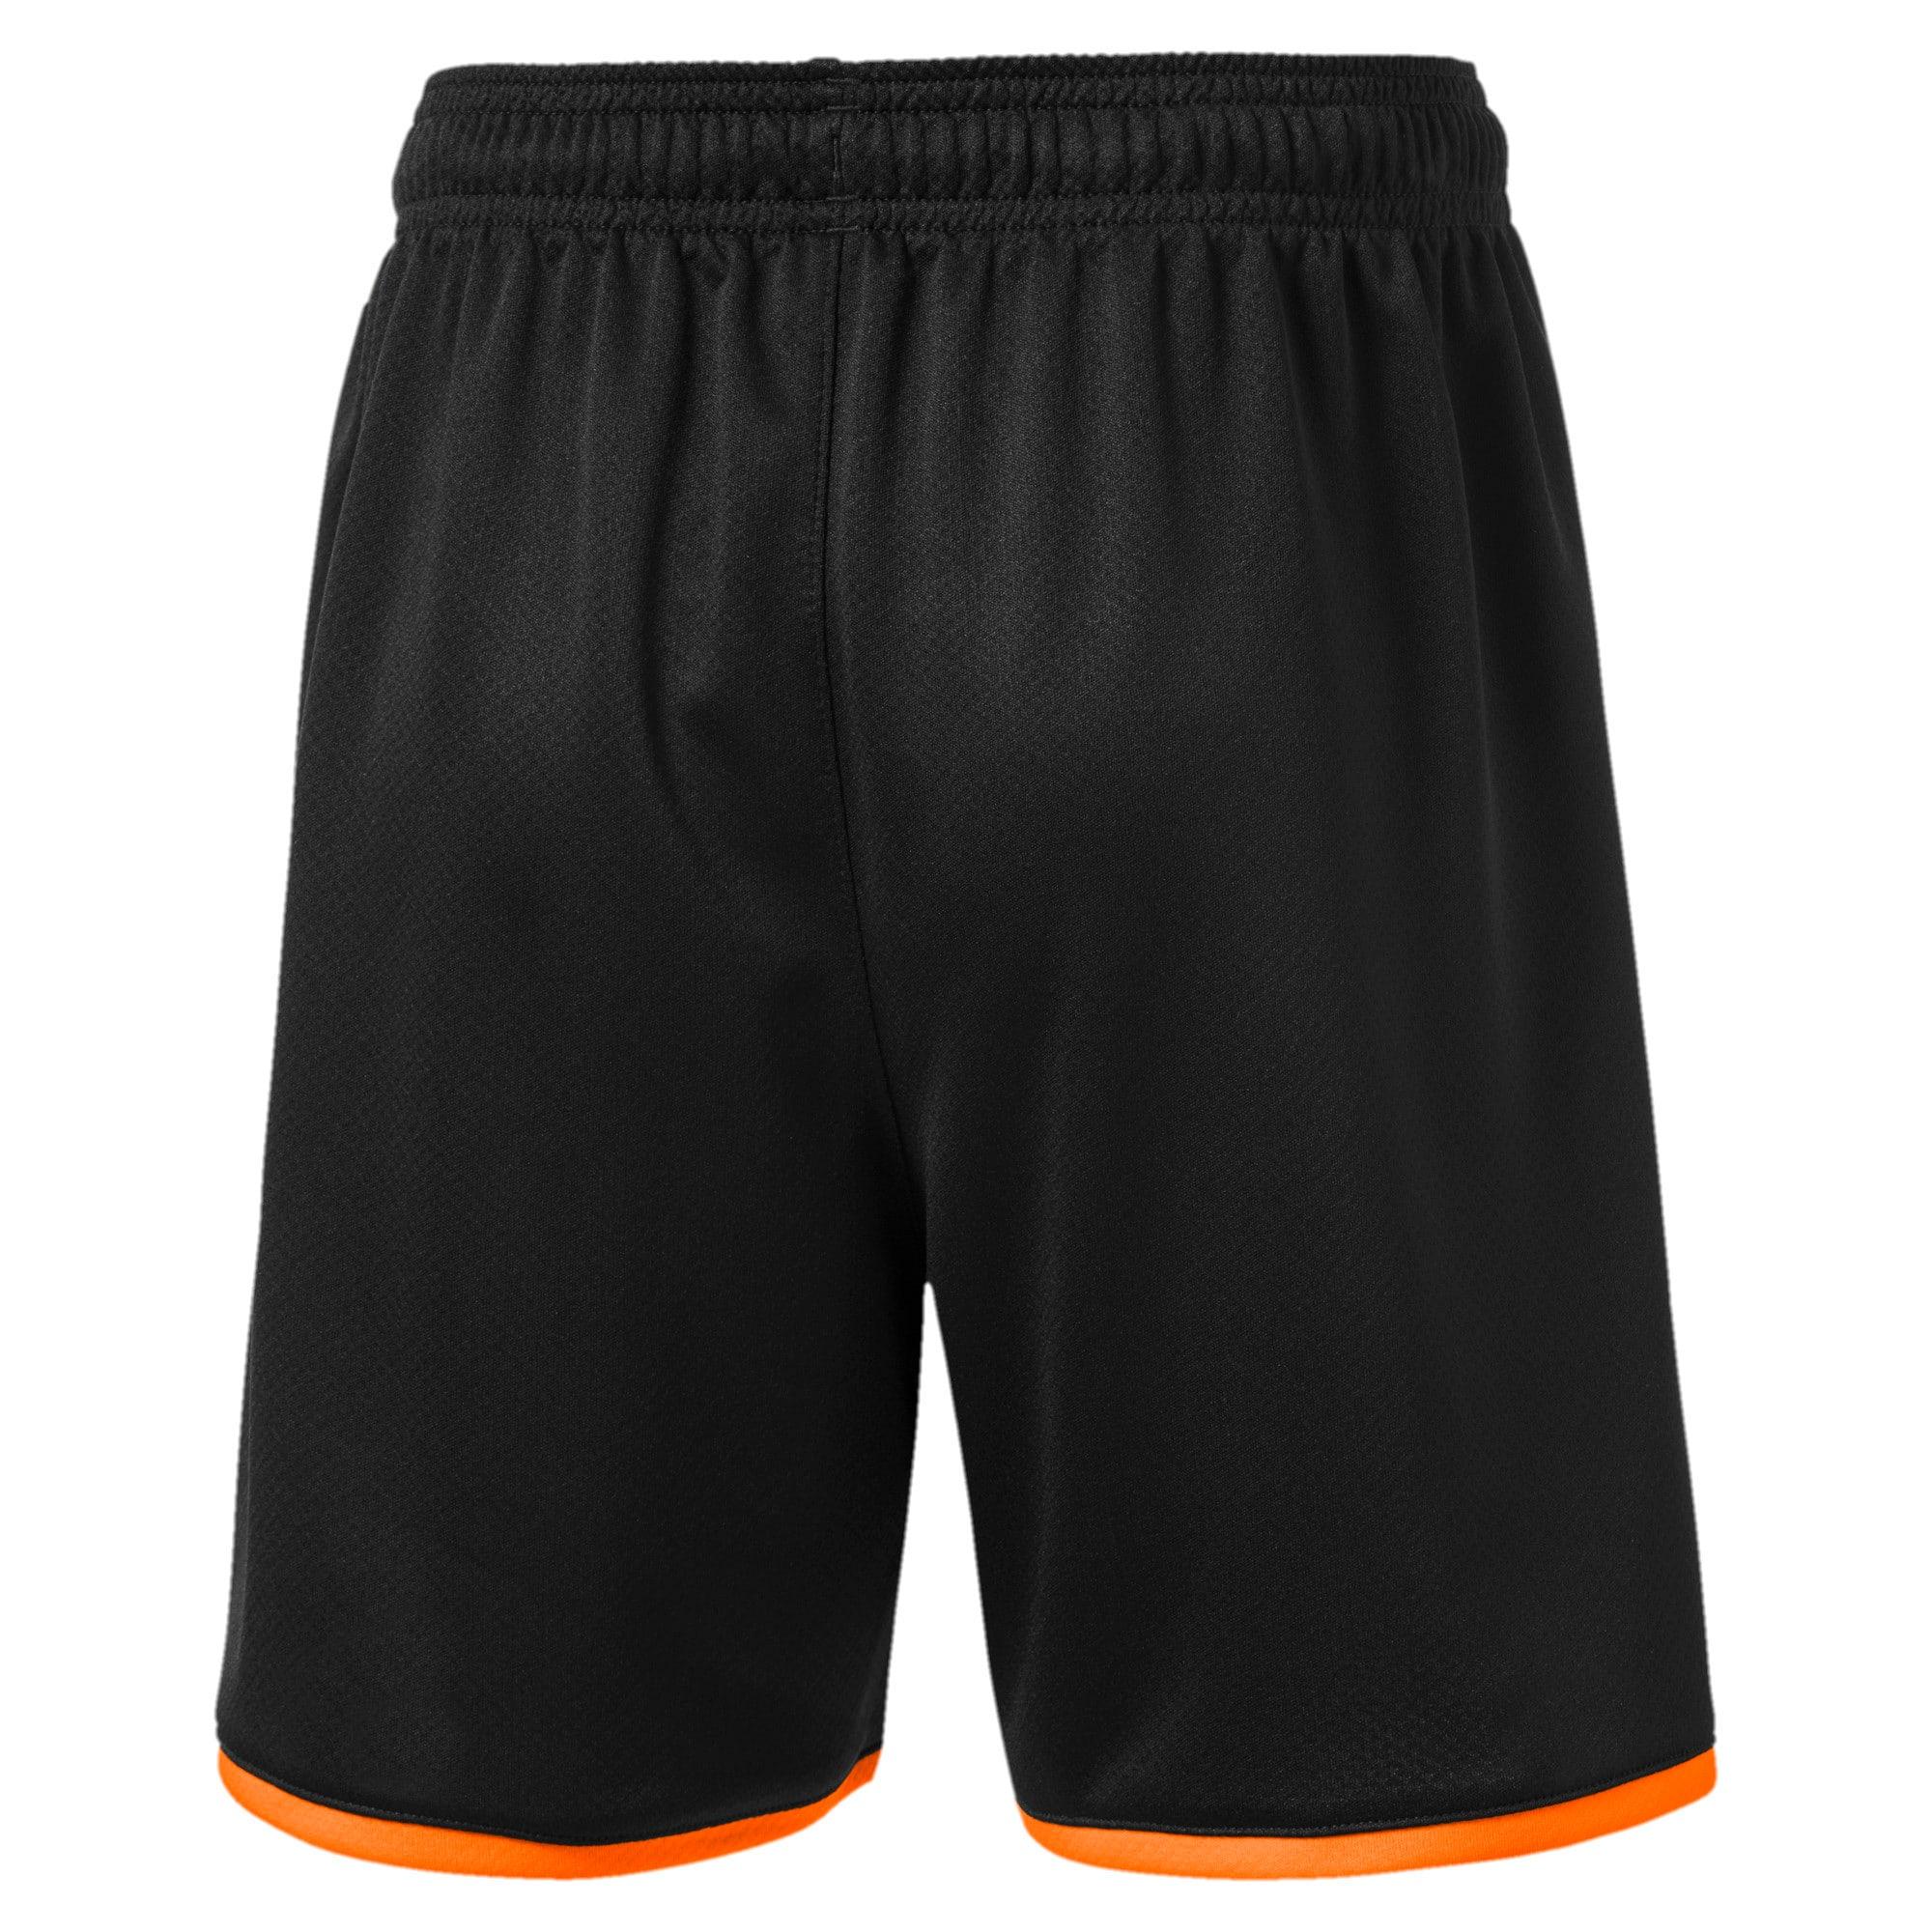 Thumbnail 2 of Valencia CF Jungen Replica Shorts, Puma Black-Vibrant Orange, medium